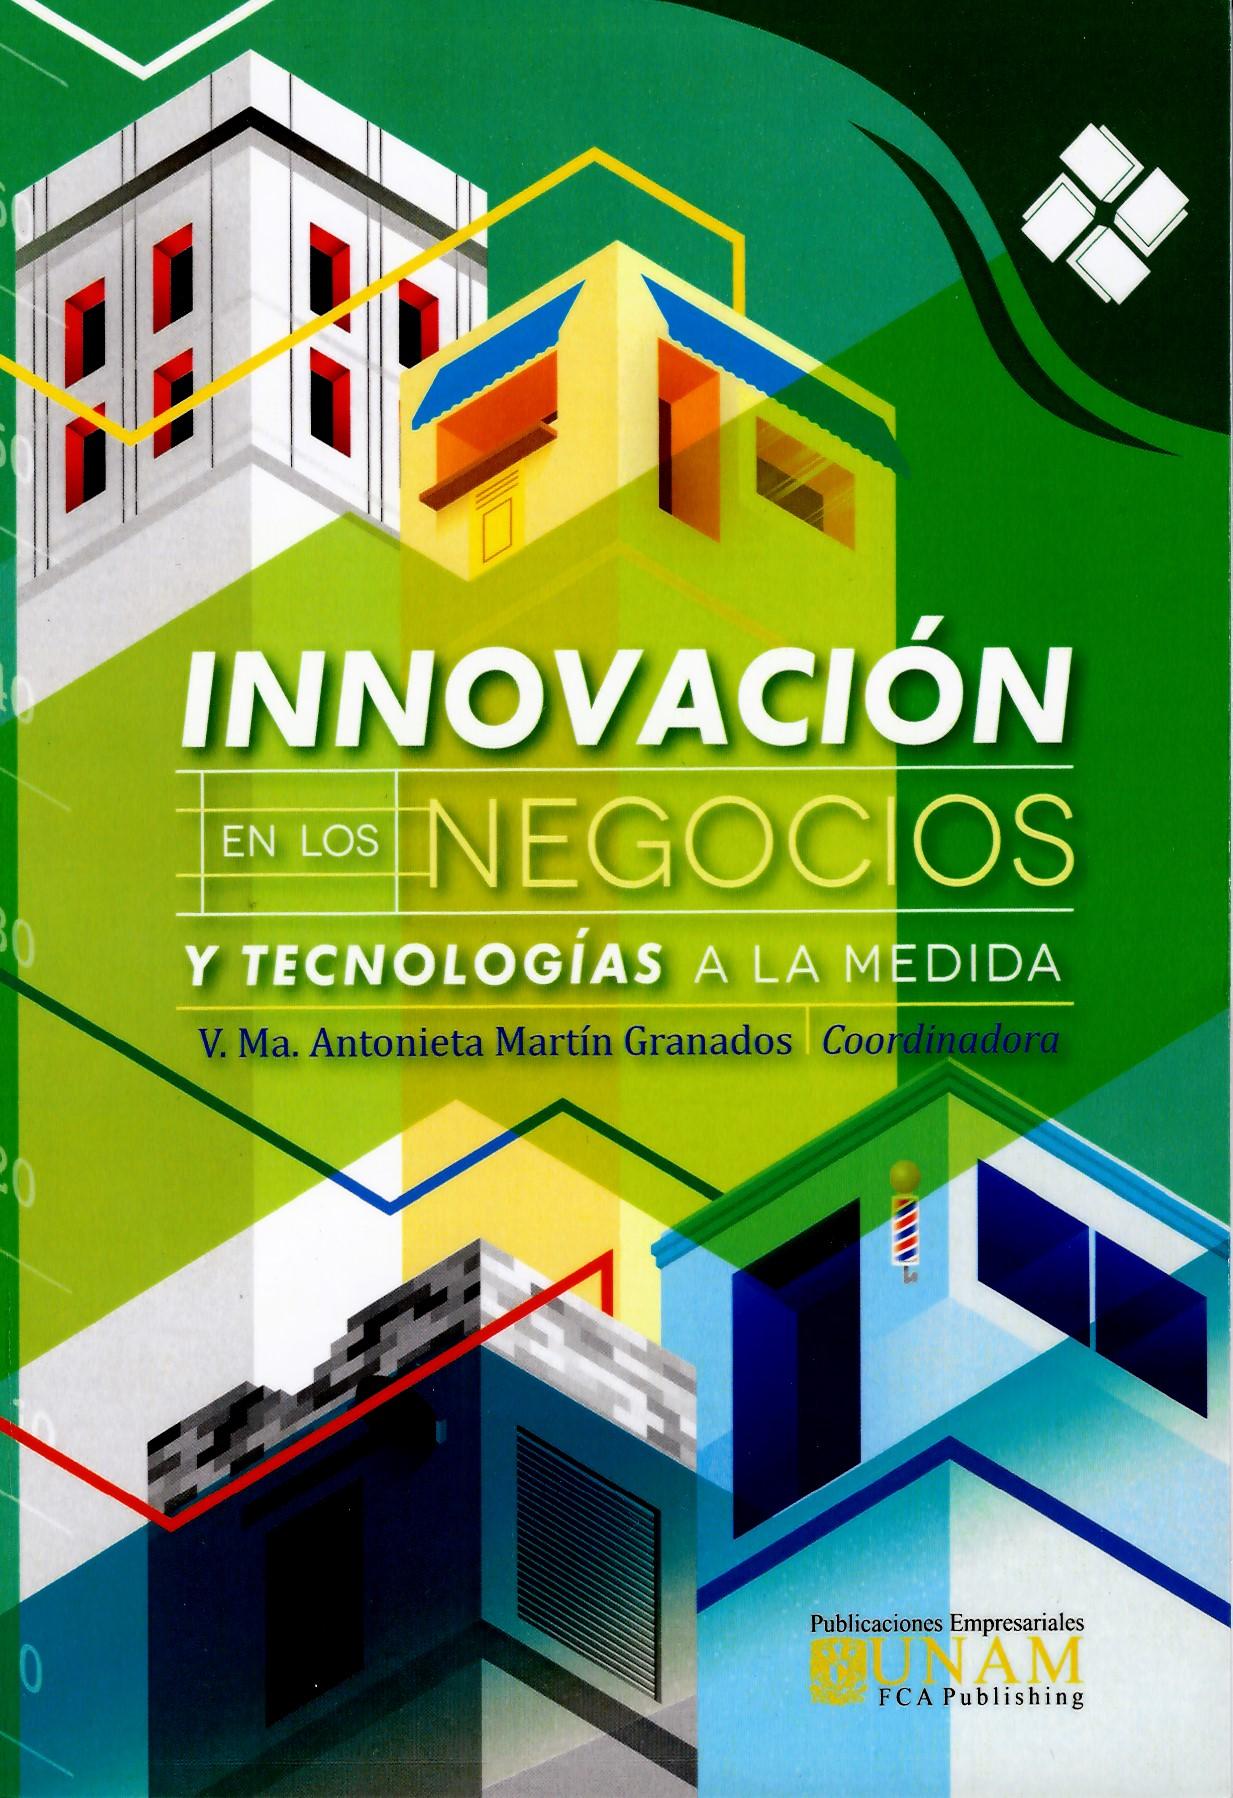 Innovación en los negocios y tecnologías a la medida